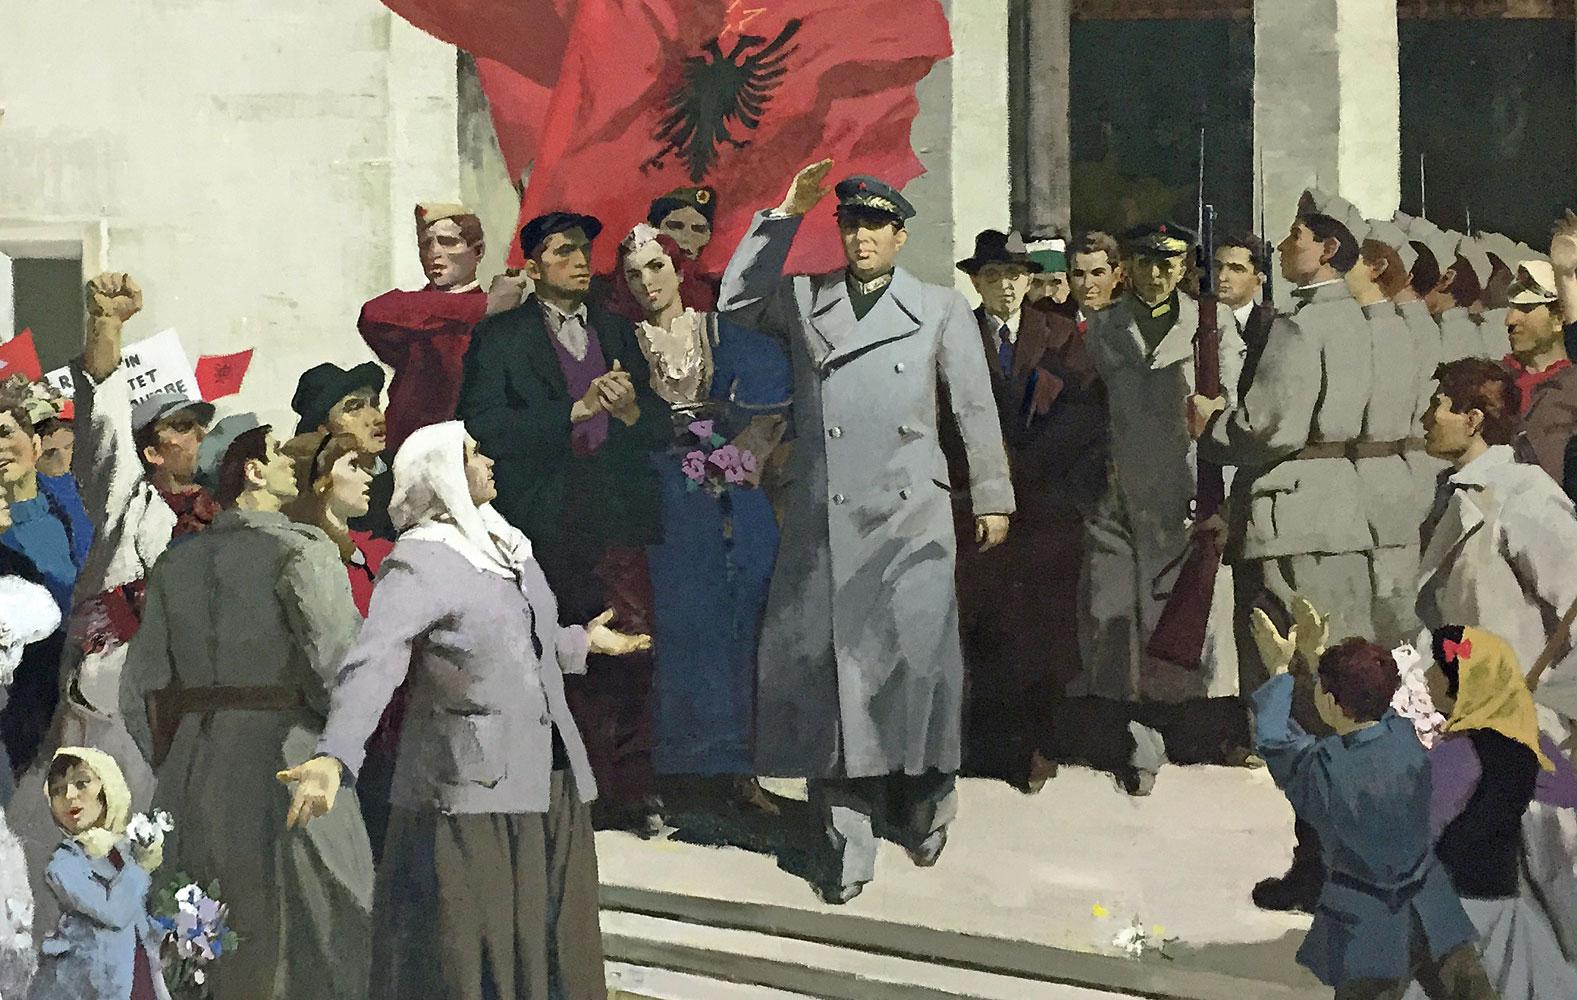 Realsozialistisches Gemälde